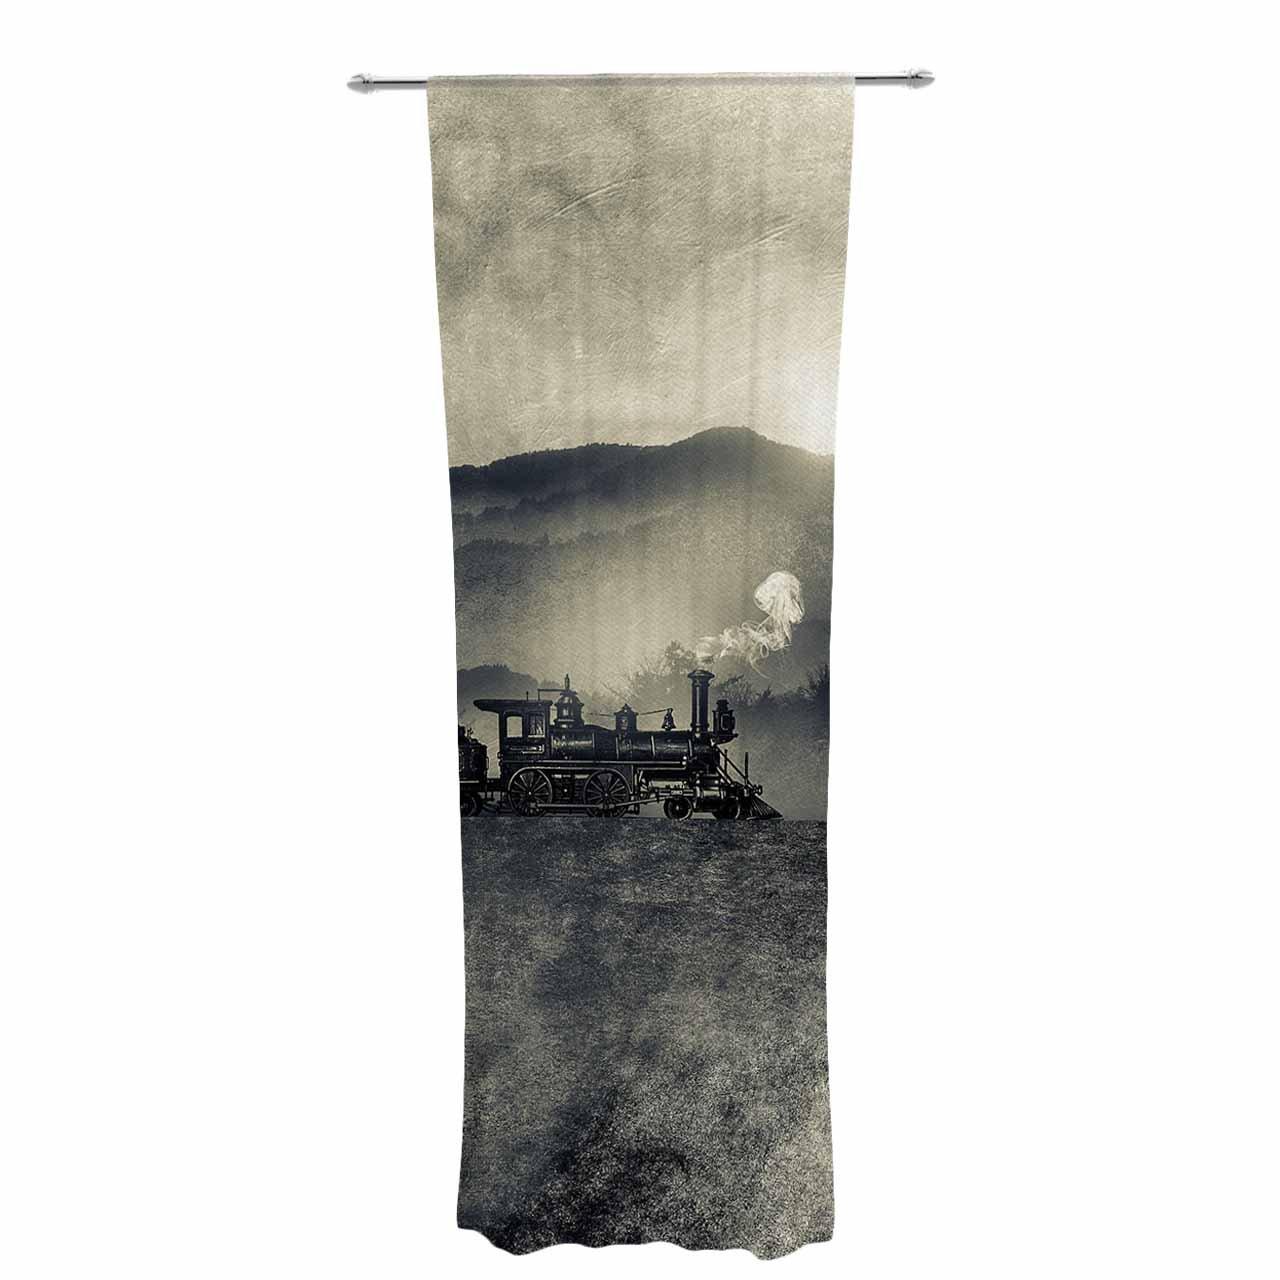 Kess InHouse Viviana Gonzalez Chapter II Sheer Curtains 30' x 84'